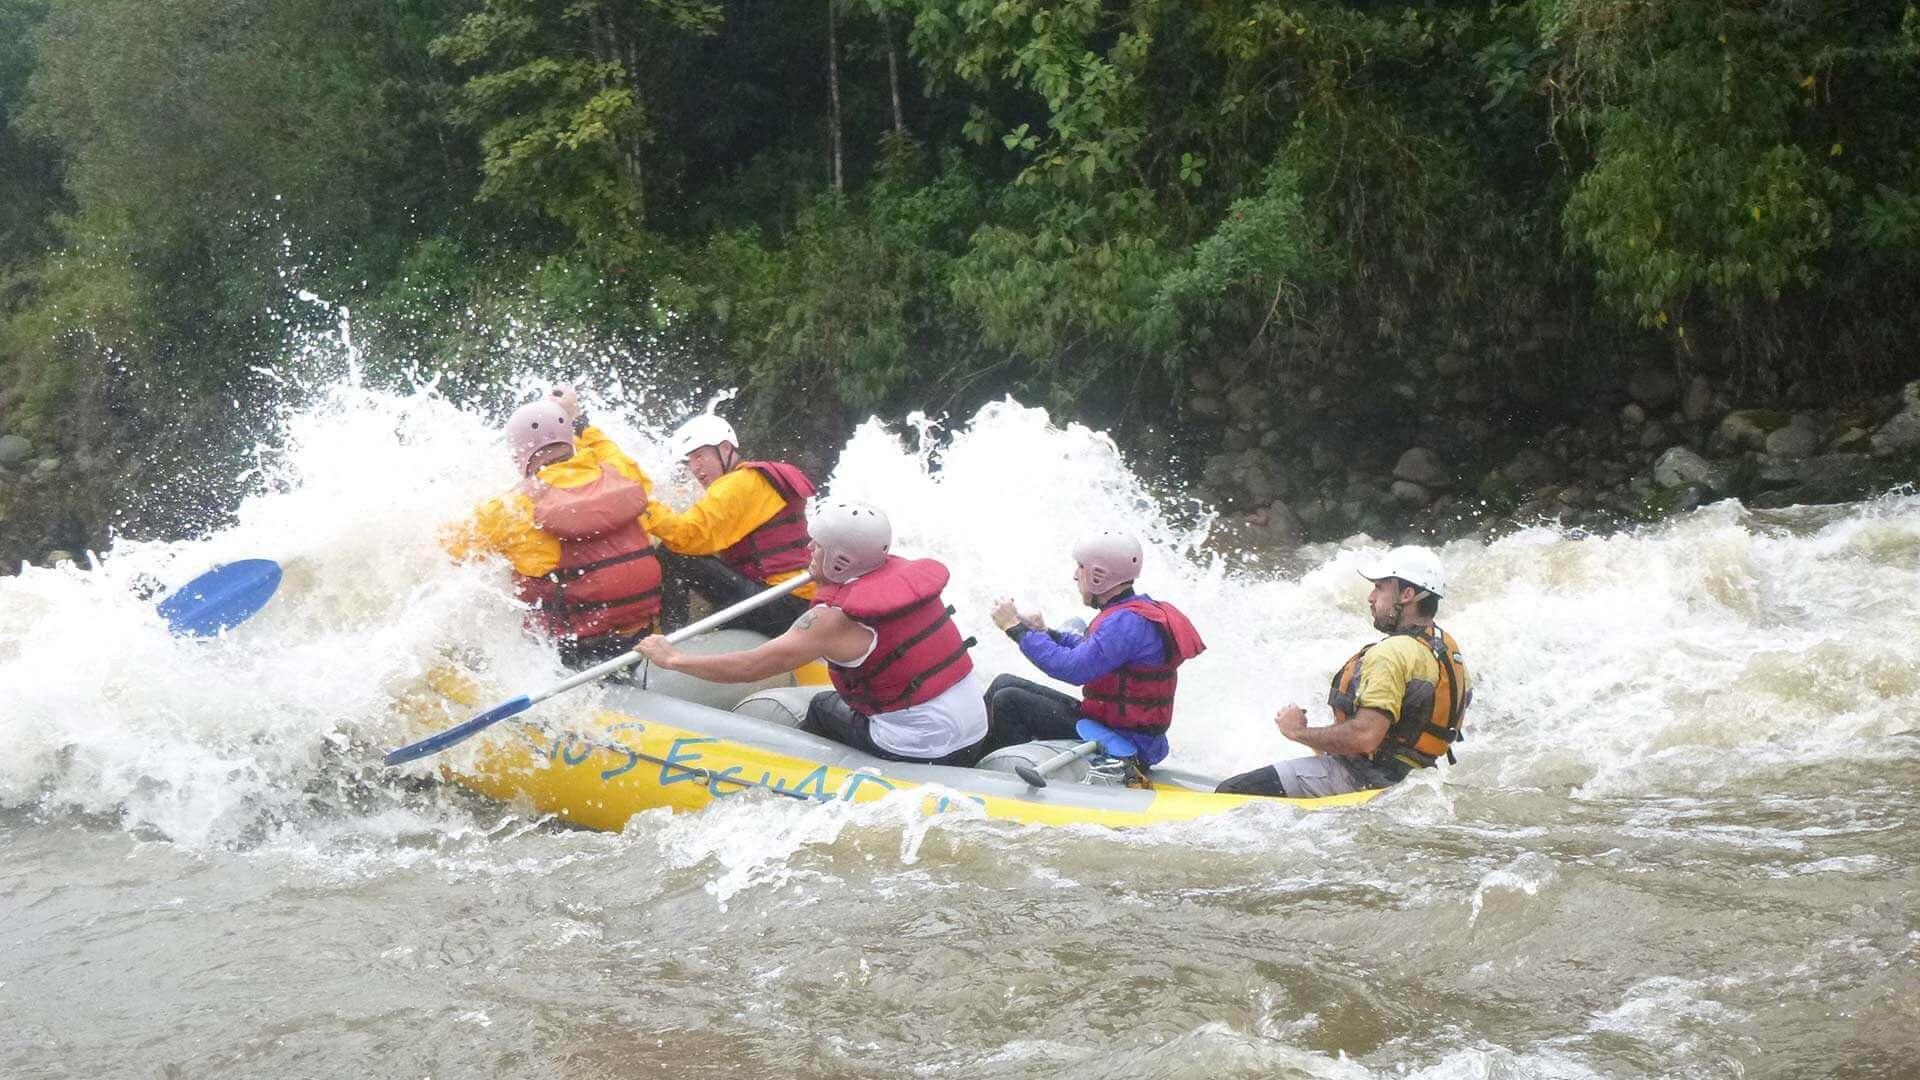 ecuador rafting tour in jungle rapids